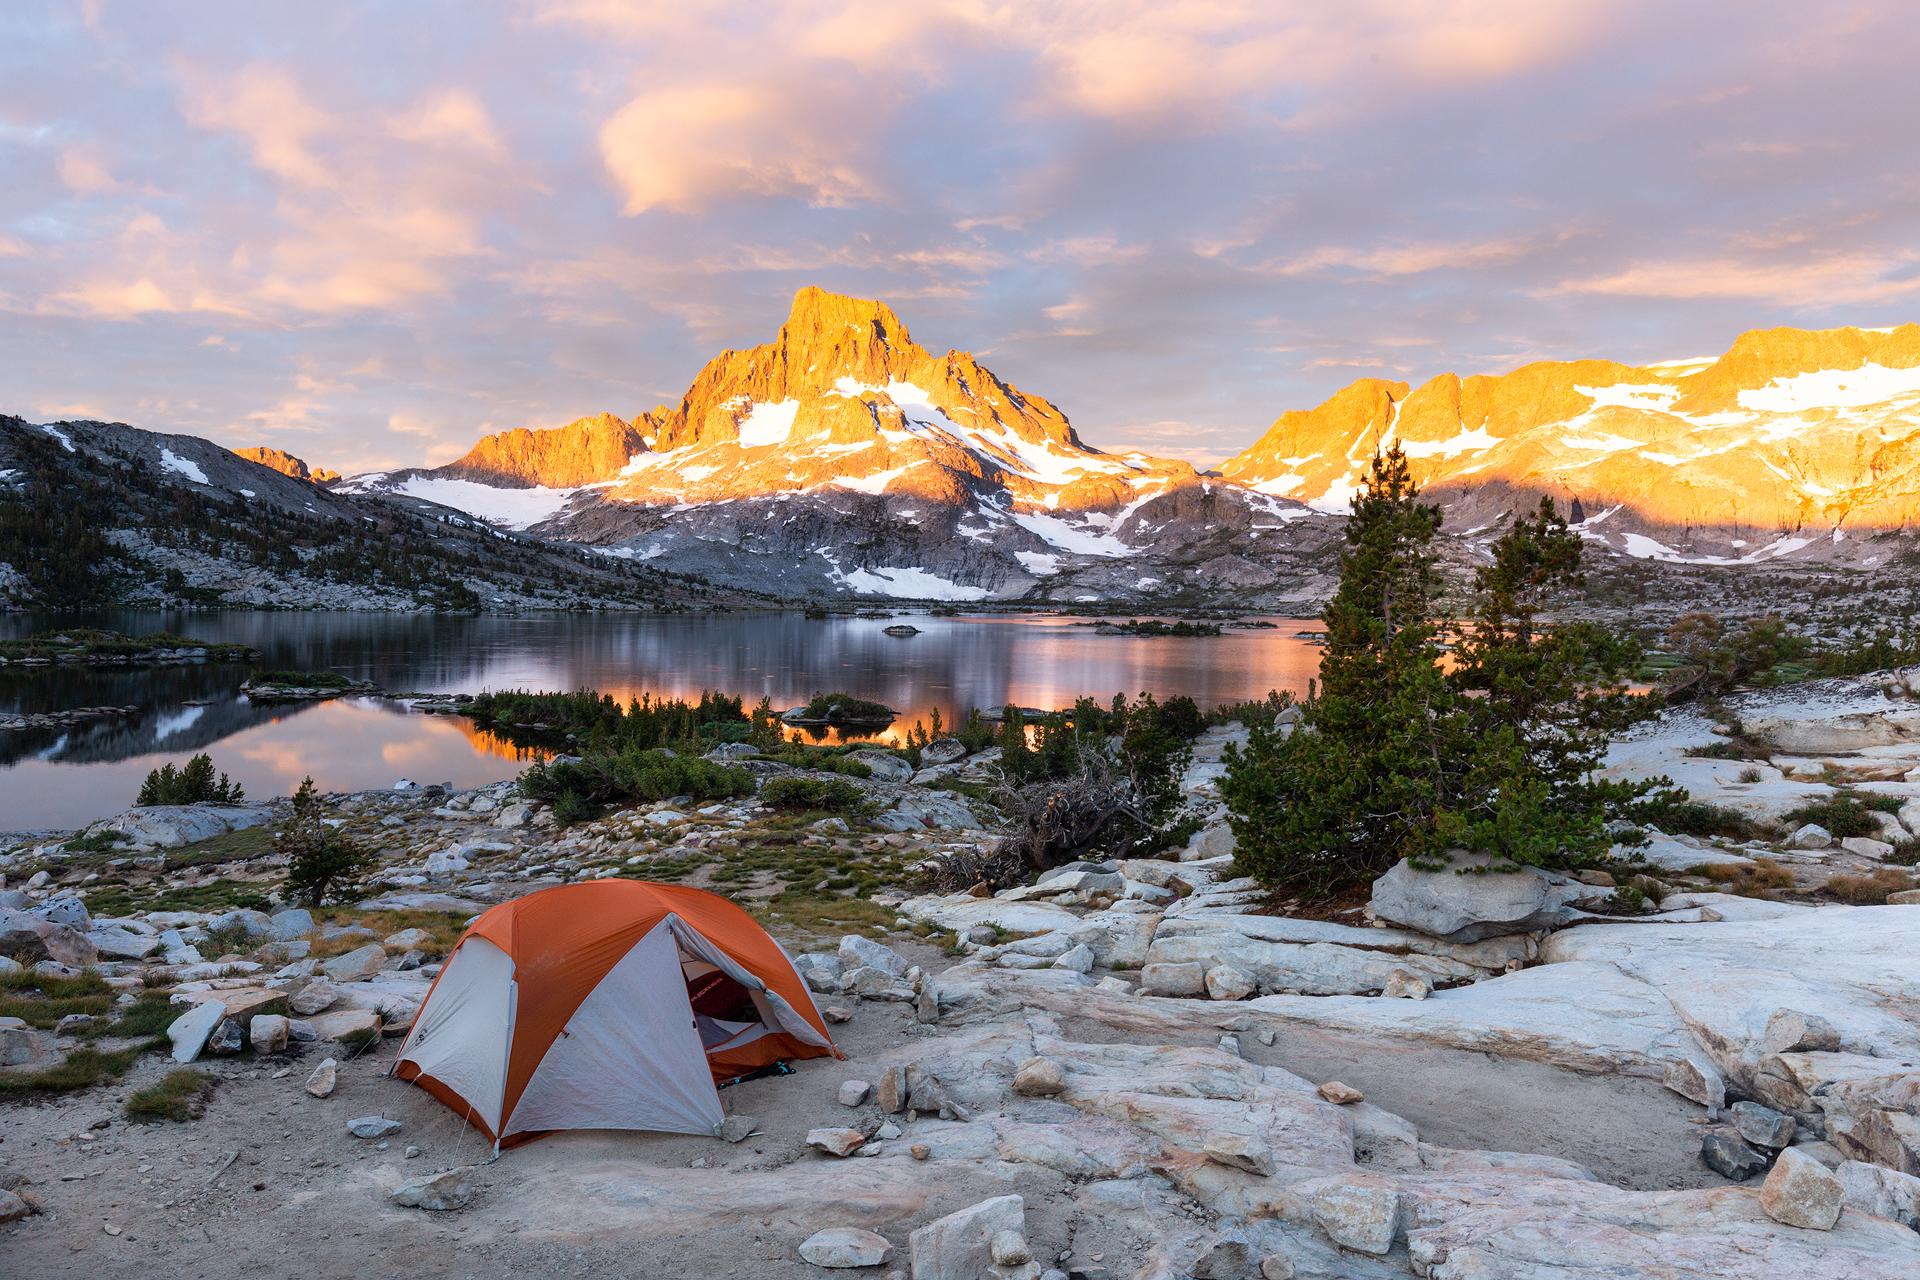 Sunrise at Thousand Island Lake